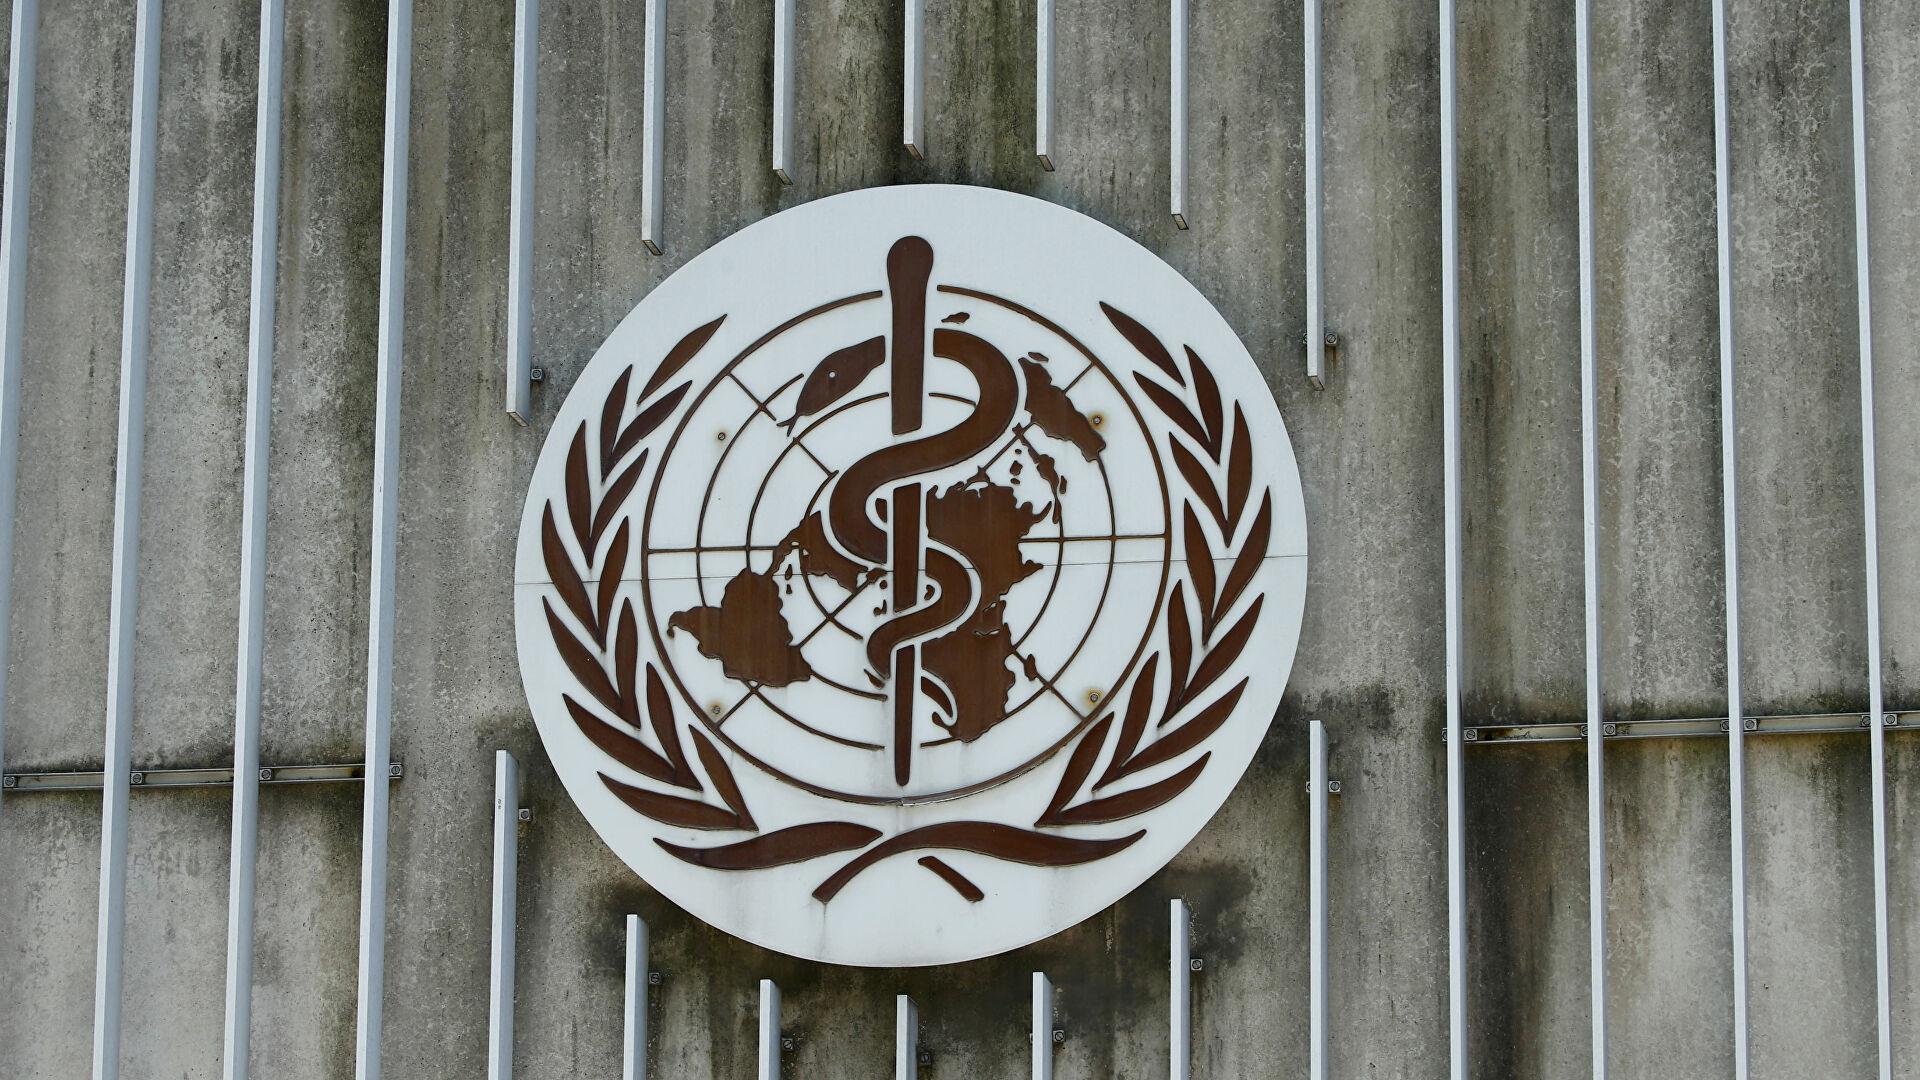 DSÖ: Kovid-19 nedeniyle tüberküloz ölümleri 10 yıl içinde ilk defa arttı